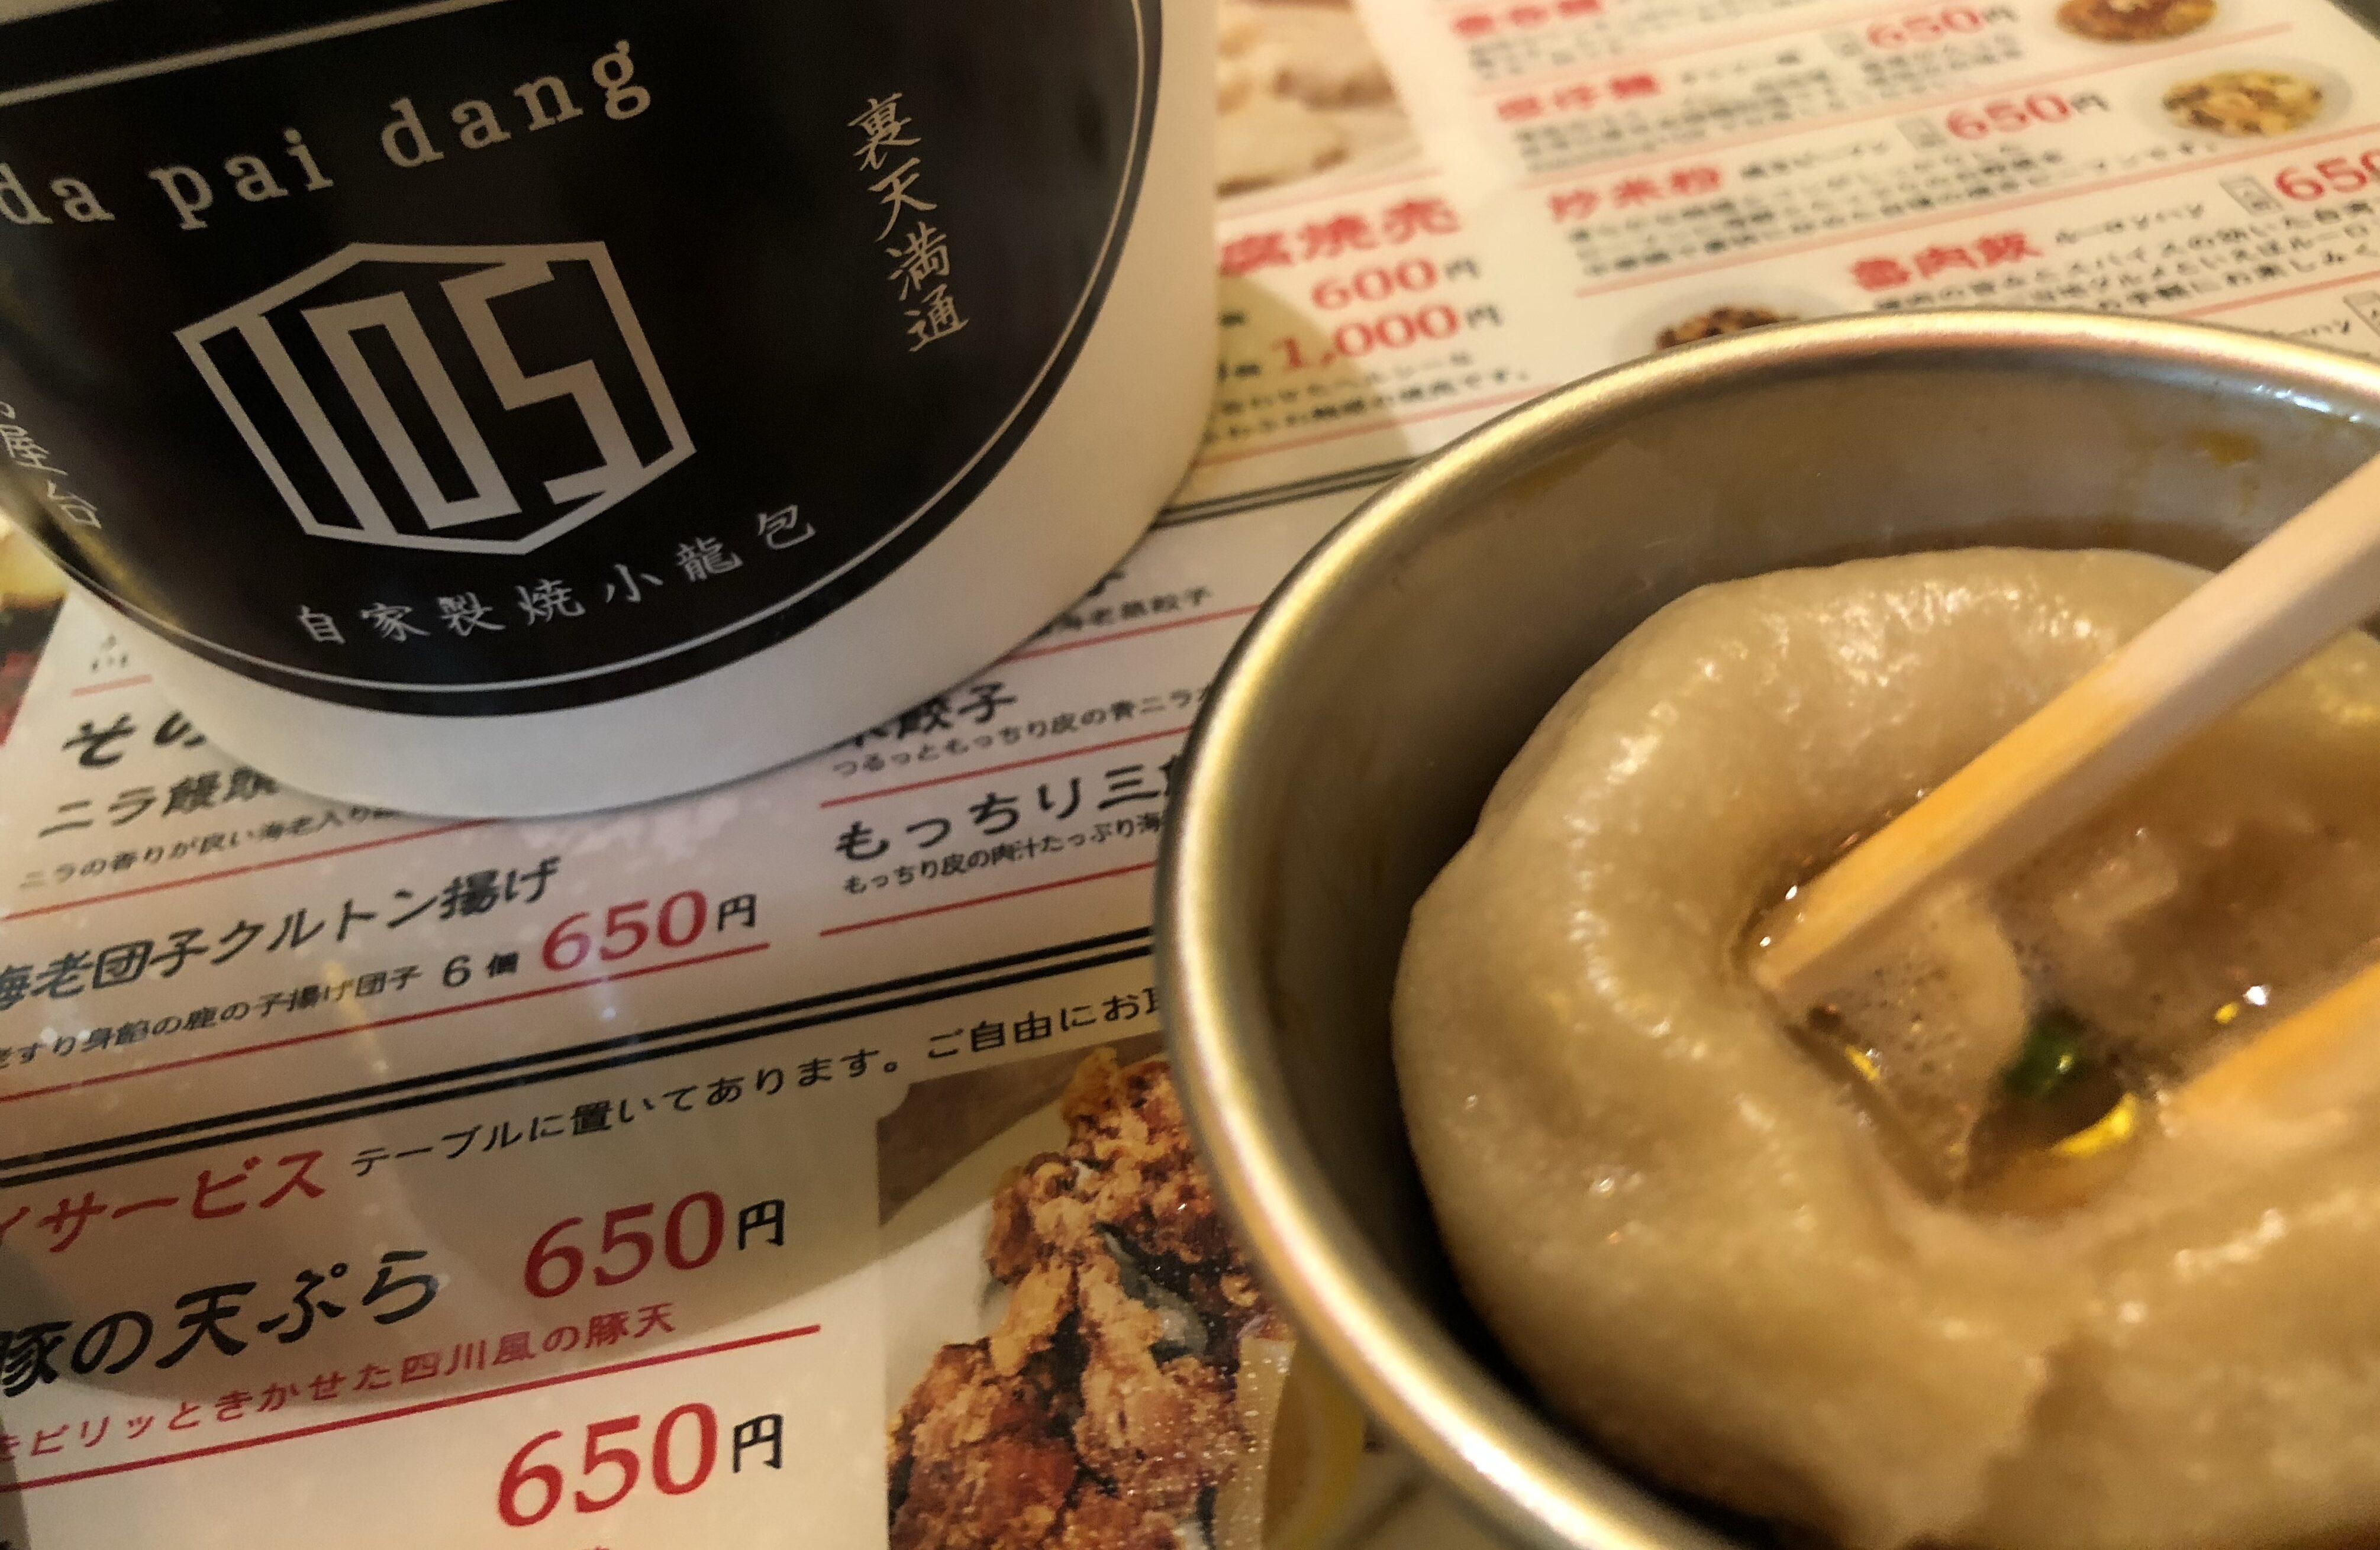 ダパイダン105 高円寺東京本店の焼き小籠包